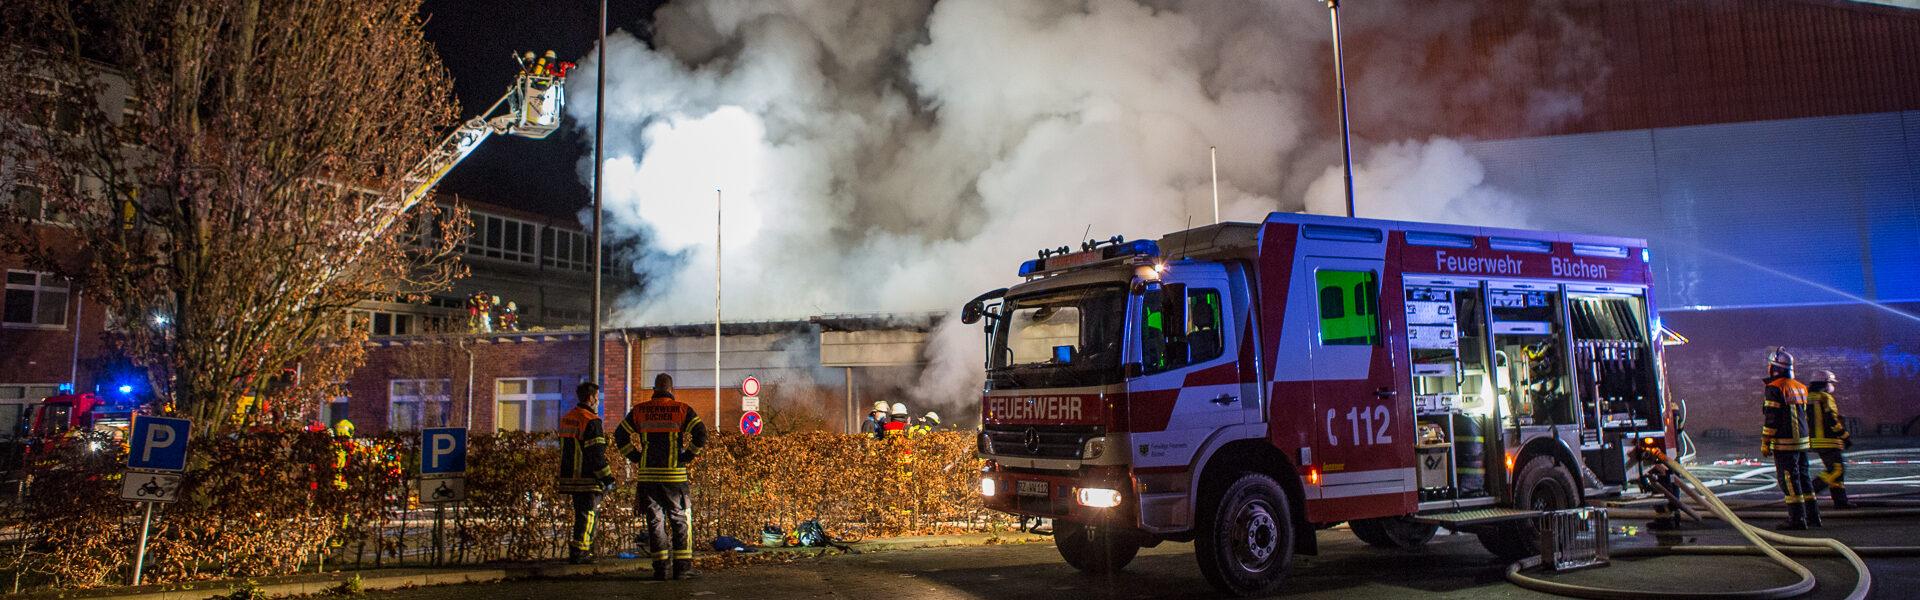 18.12.2020 – Anbau von Turnhalle brennt vollständig aus